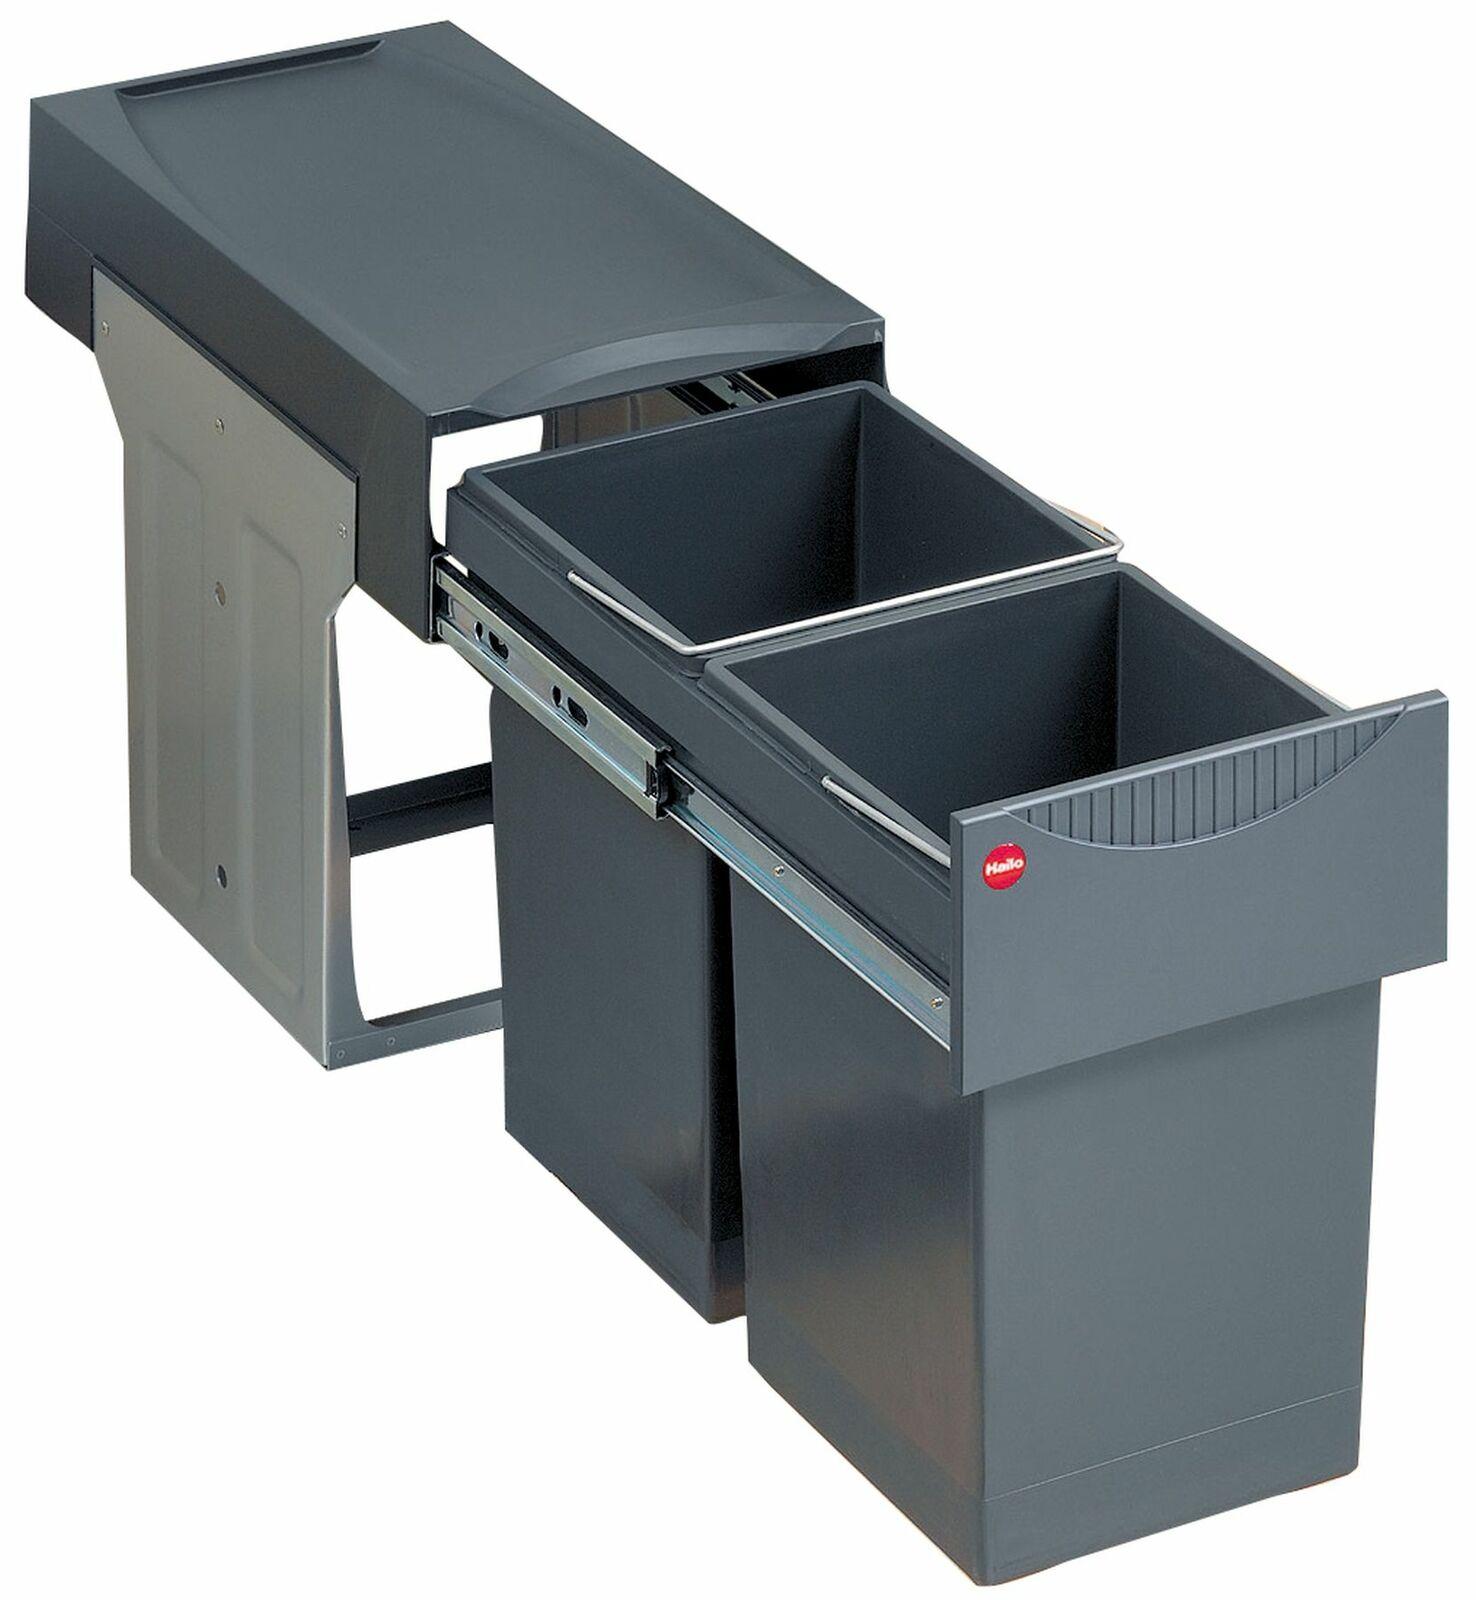 Full Size of Abfalleimer Küche Sensor Abfalleimer Küche 3 Fach Abfalleimer Küche Spüle Auszug Abfalleimer Küche Küche Abfalleimer Küche